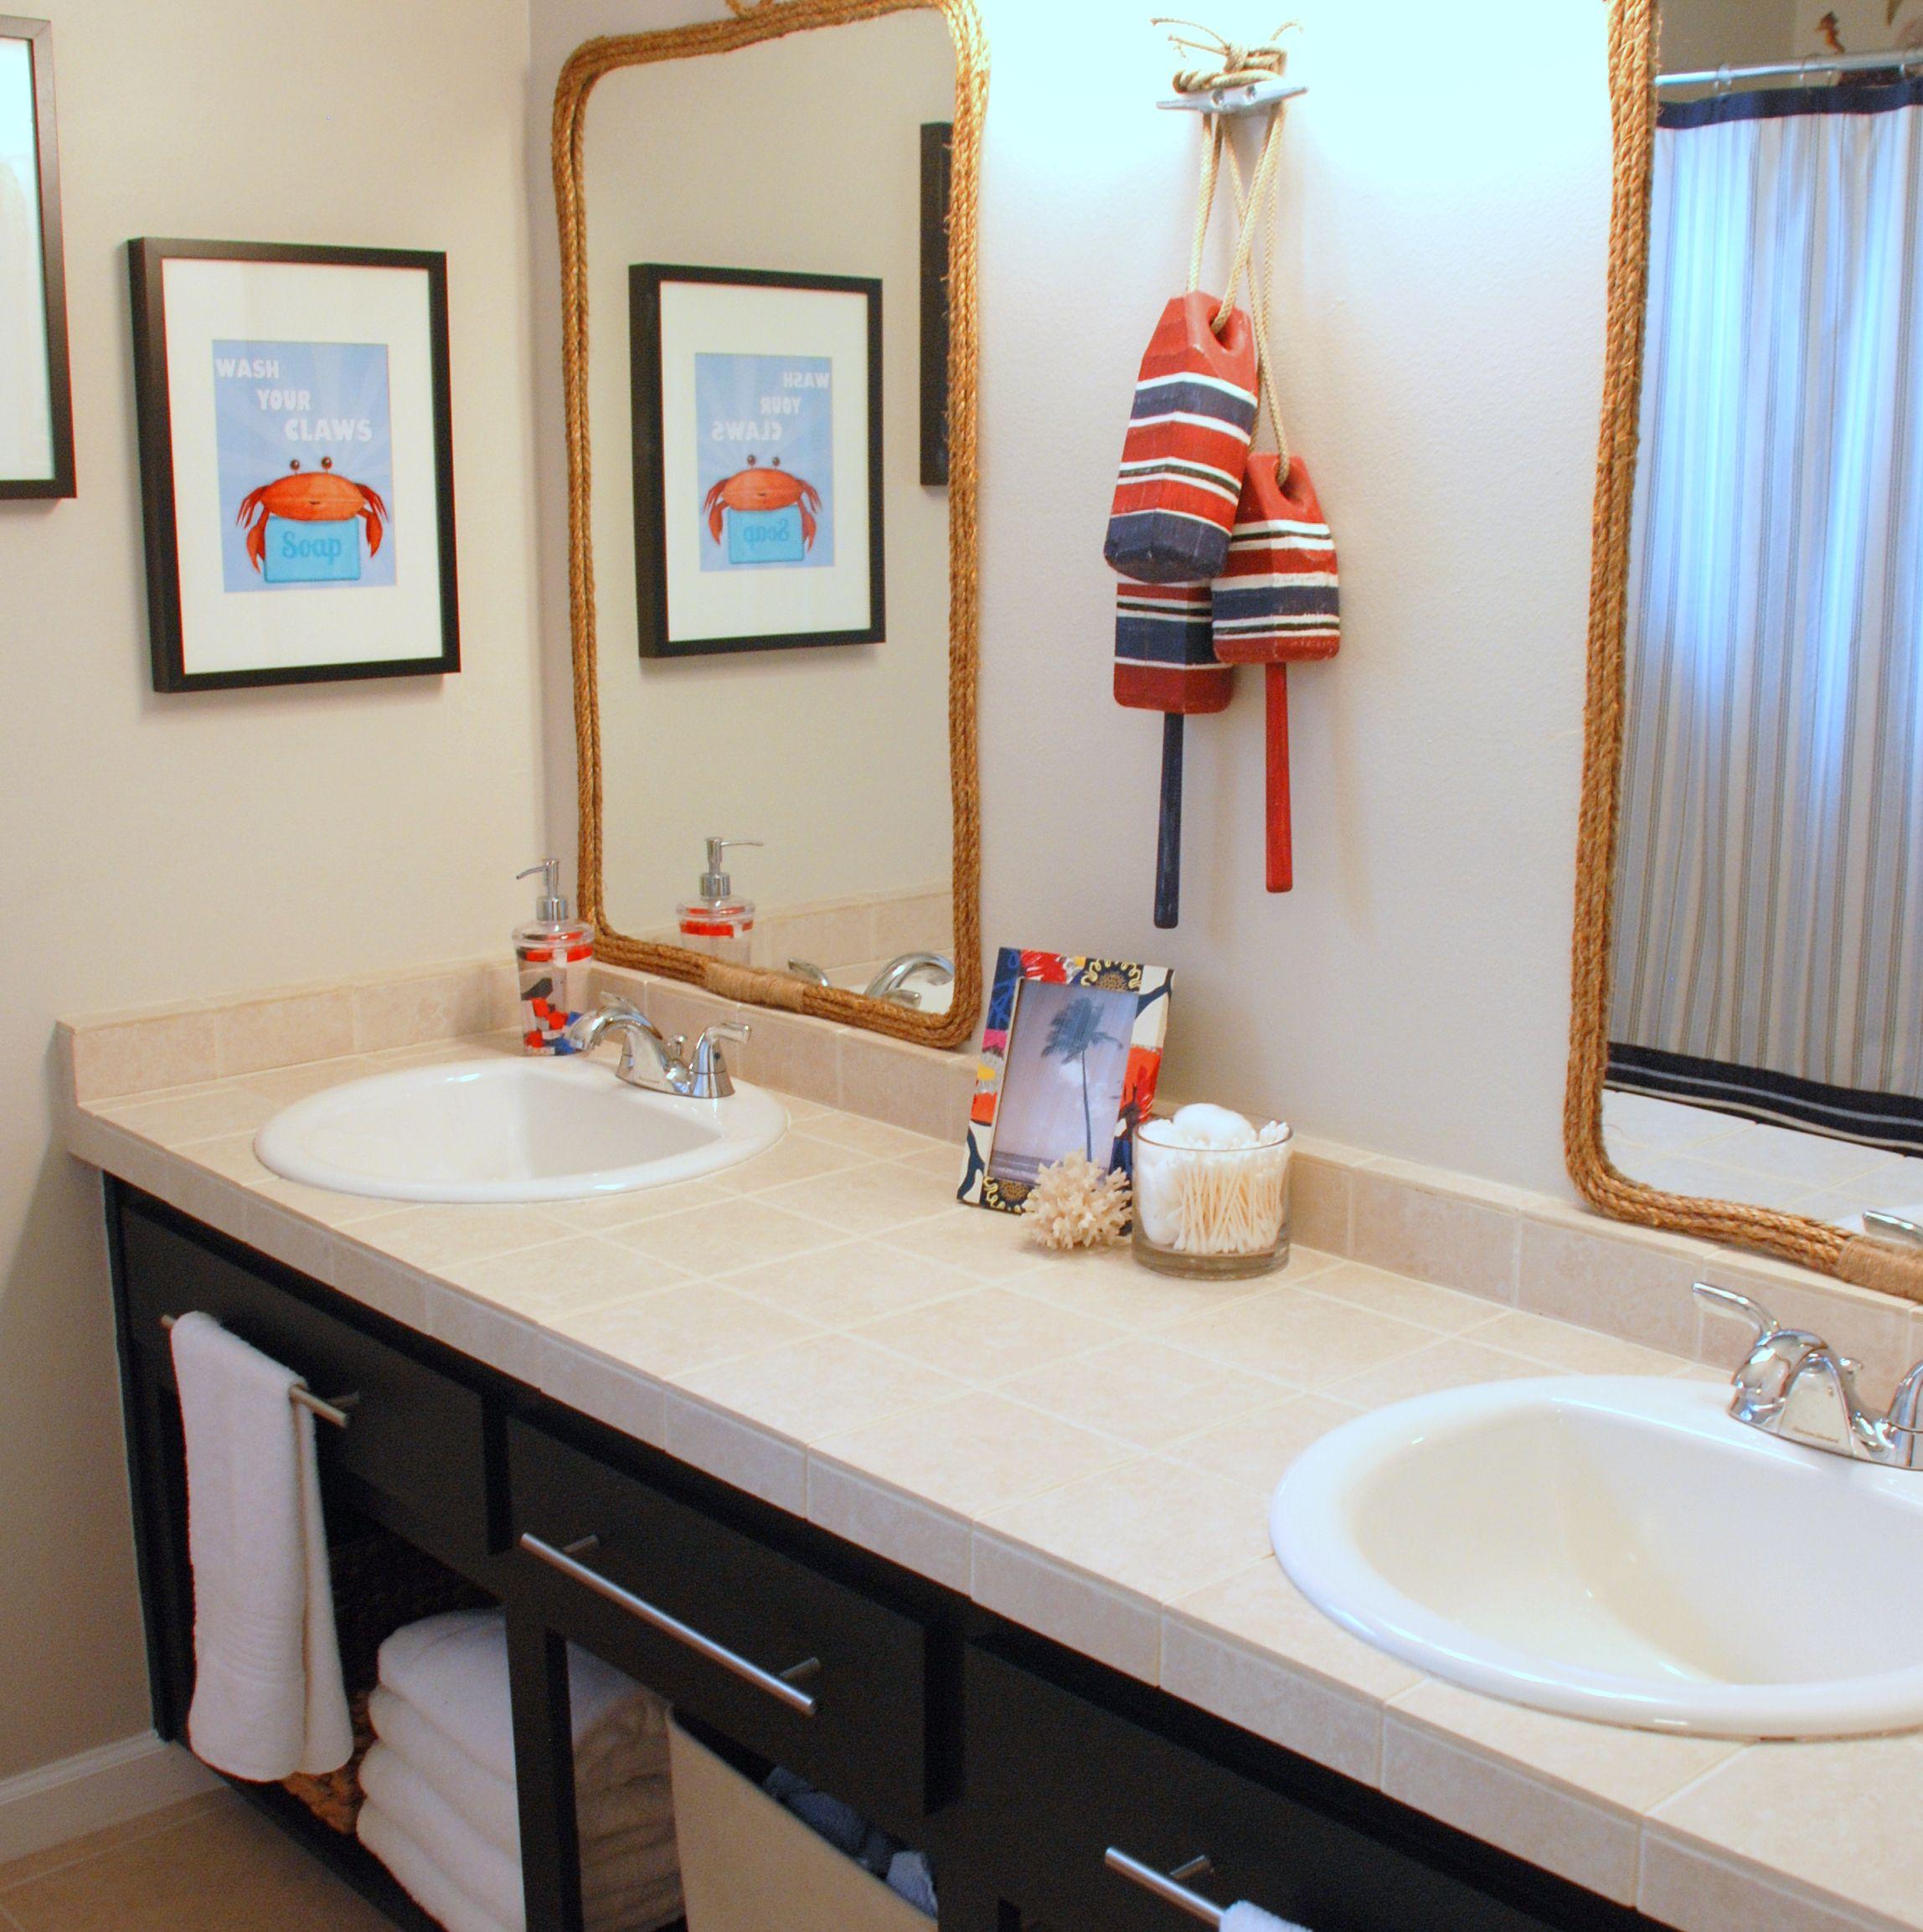 The Aspects For The Boys Bathroom Ideas Kindergartenmind Http Bathroomdesignsideas Org Nautical Bathroom Decor Kid Bathroom Decor Girl Bathroom Decor